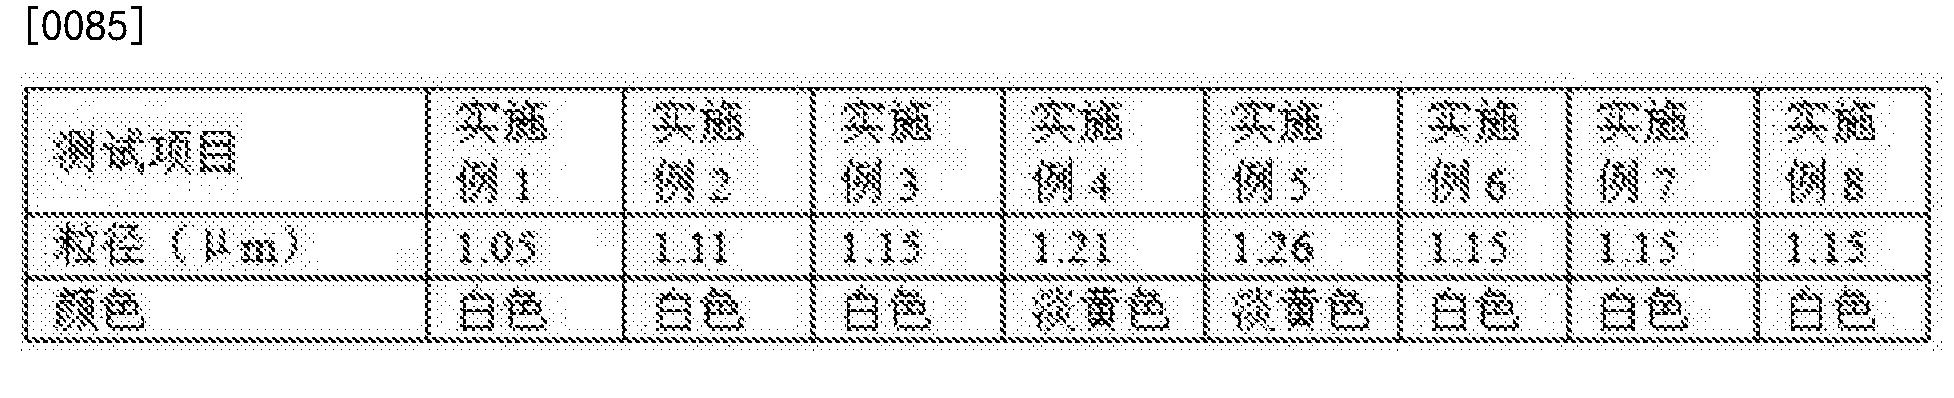 Figure CN105524301BD00091